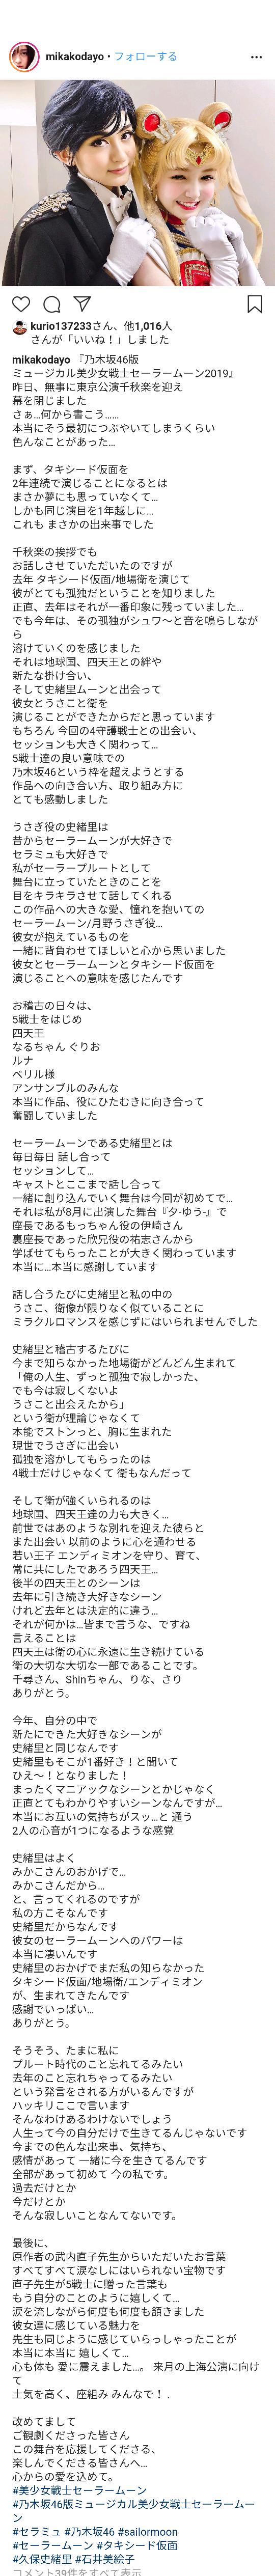 【乃木坂46】セラミュ共演者が送った久保史緒里と山下美月へのメッセージwwwwwwww